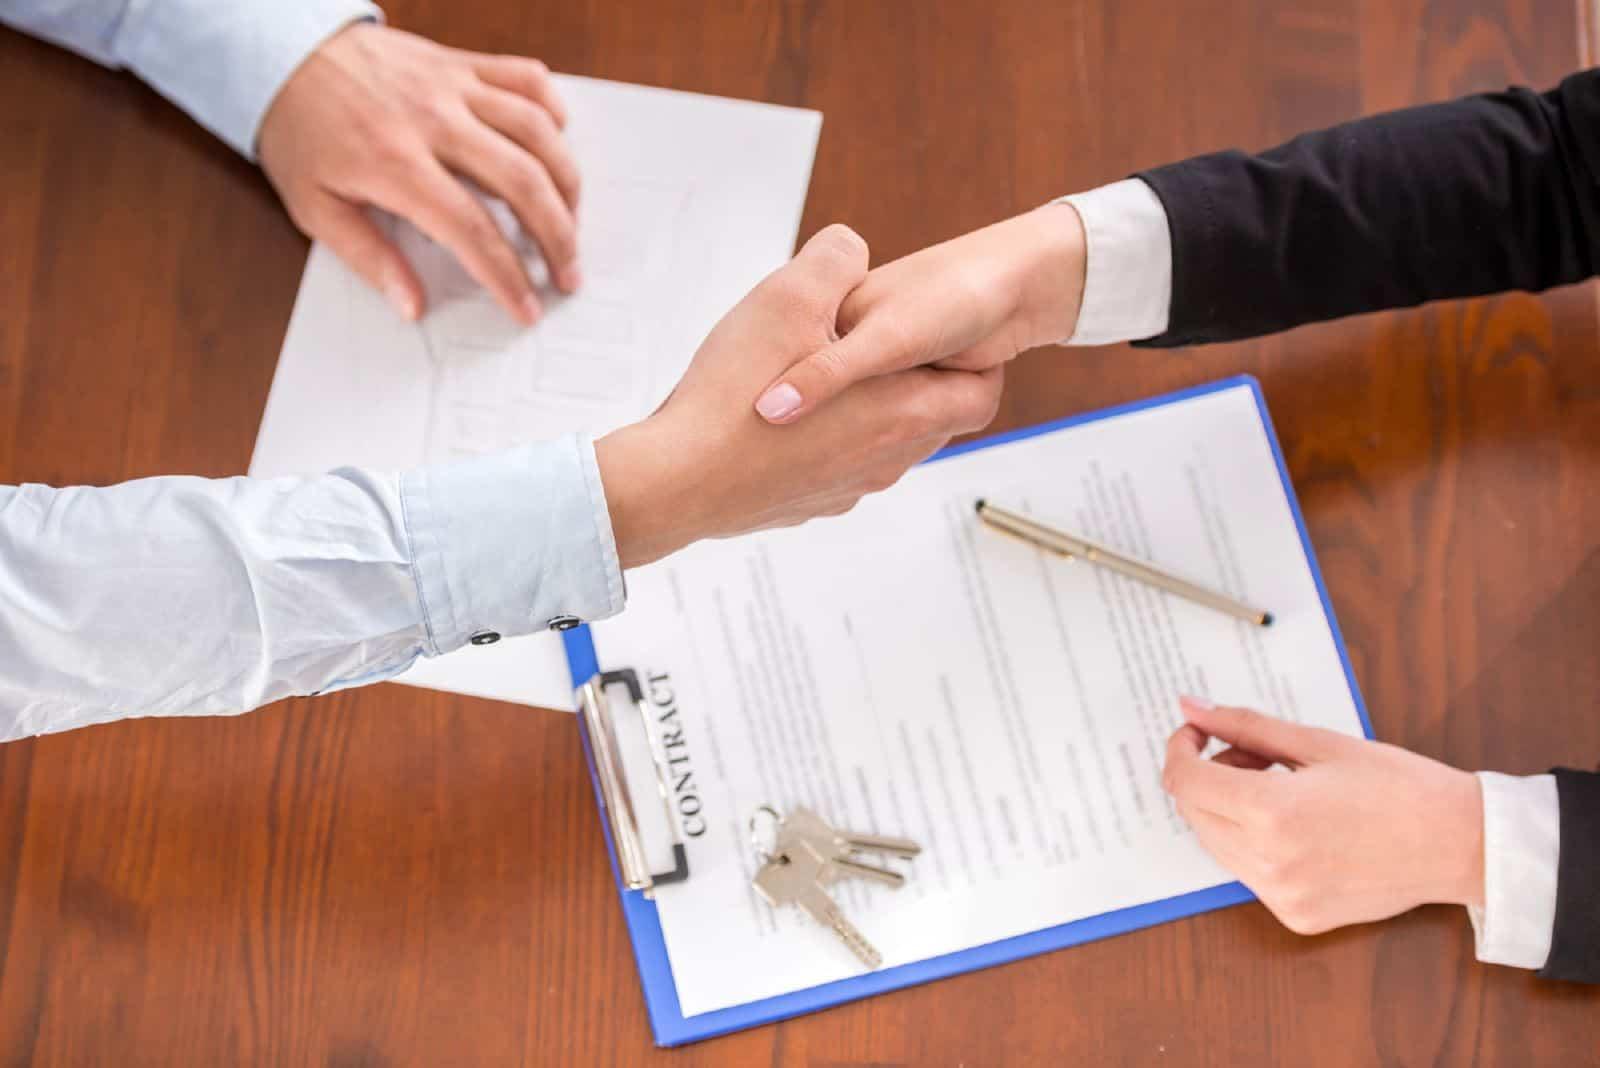 договор купли продажи квартиры с использованием ипотеки